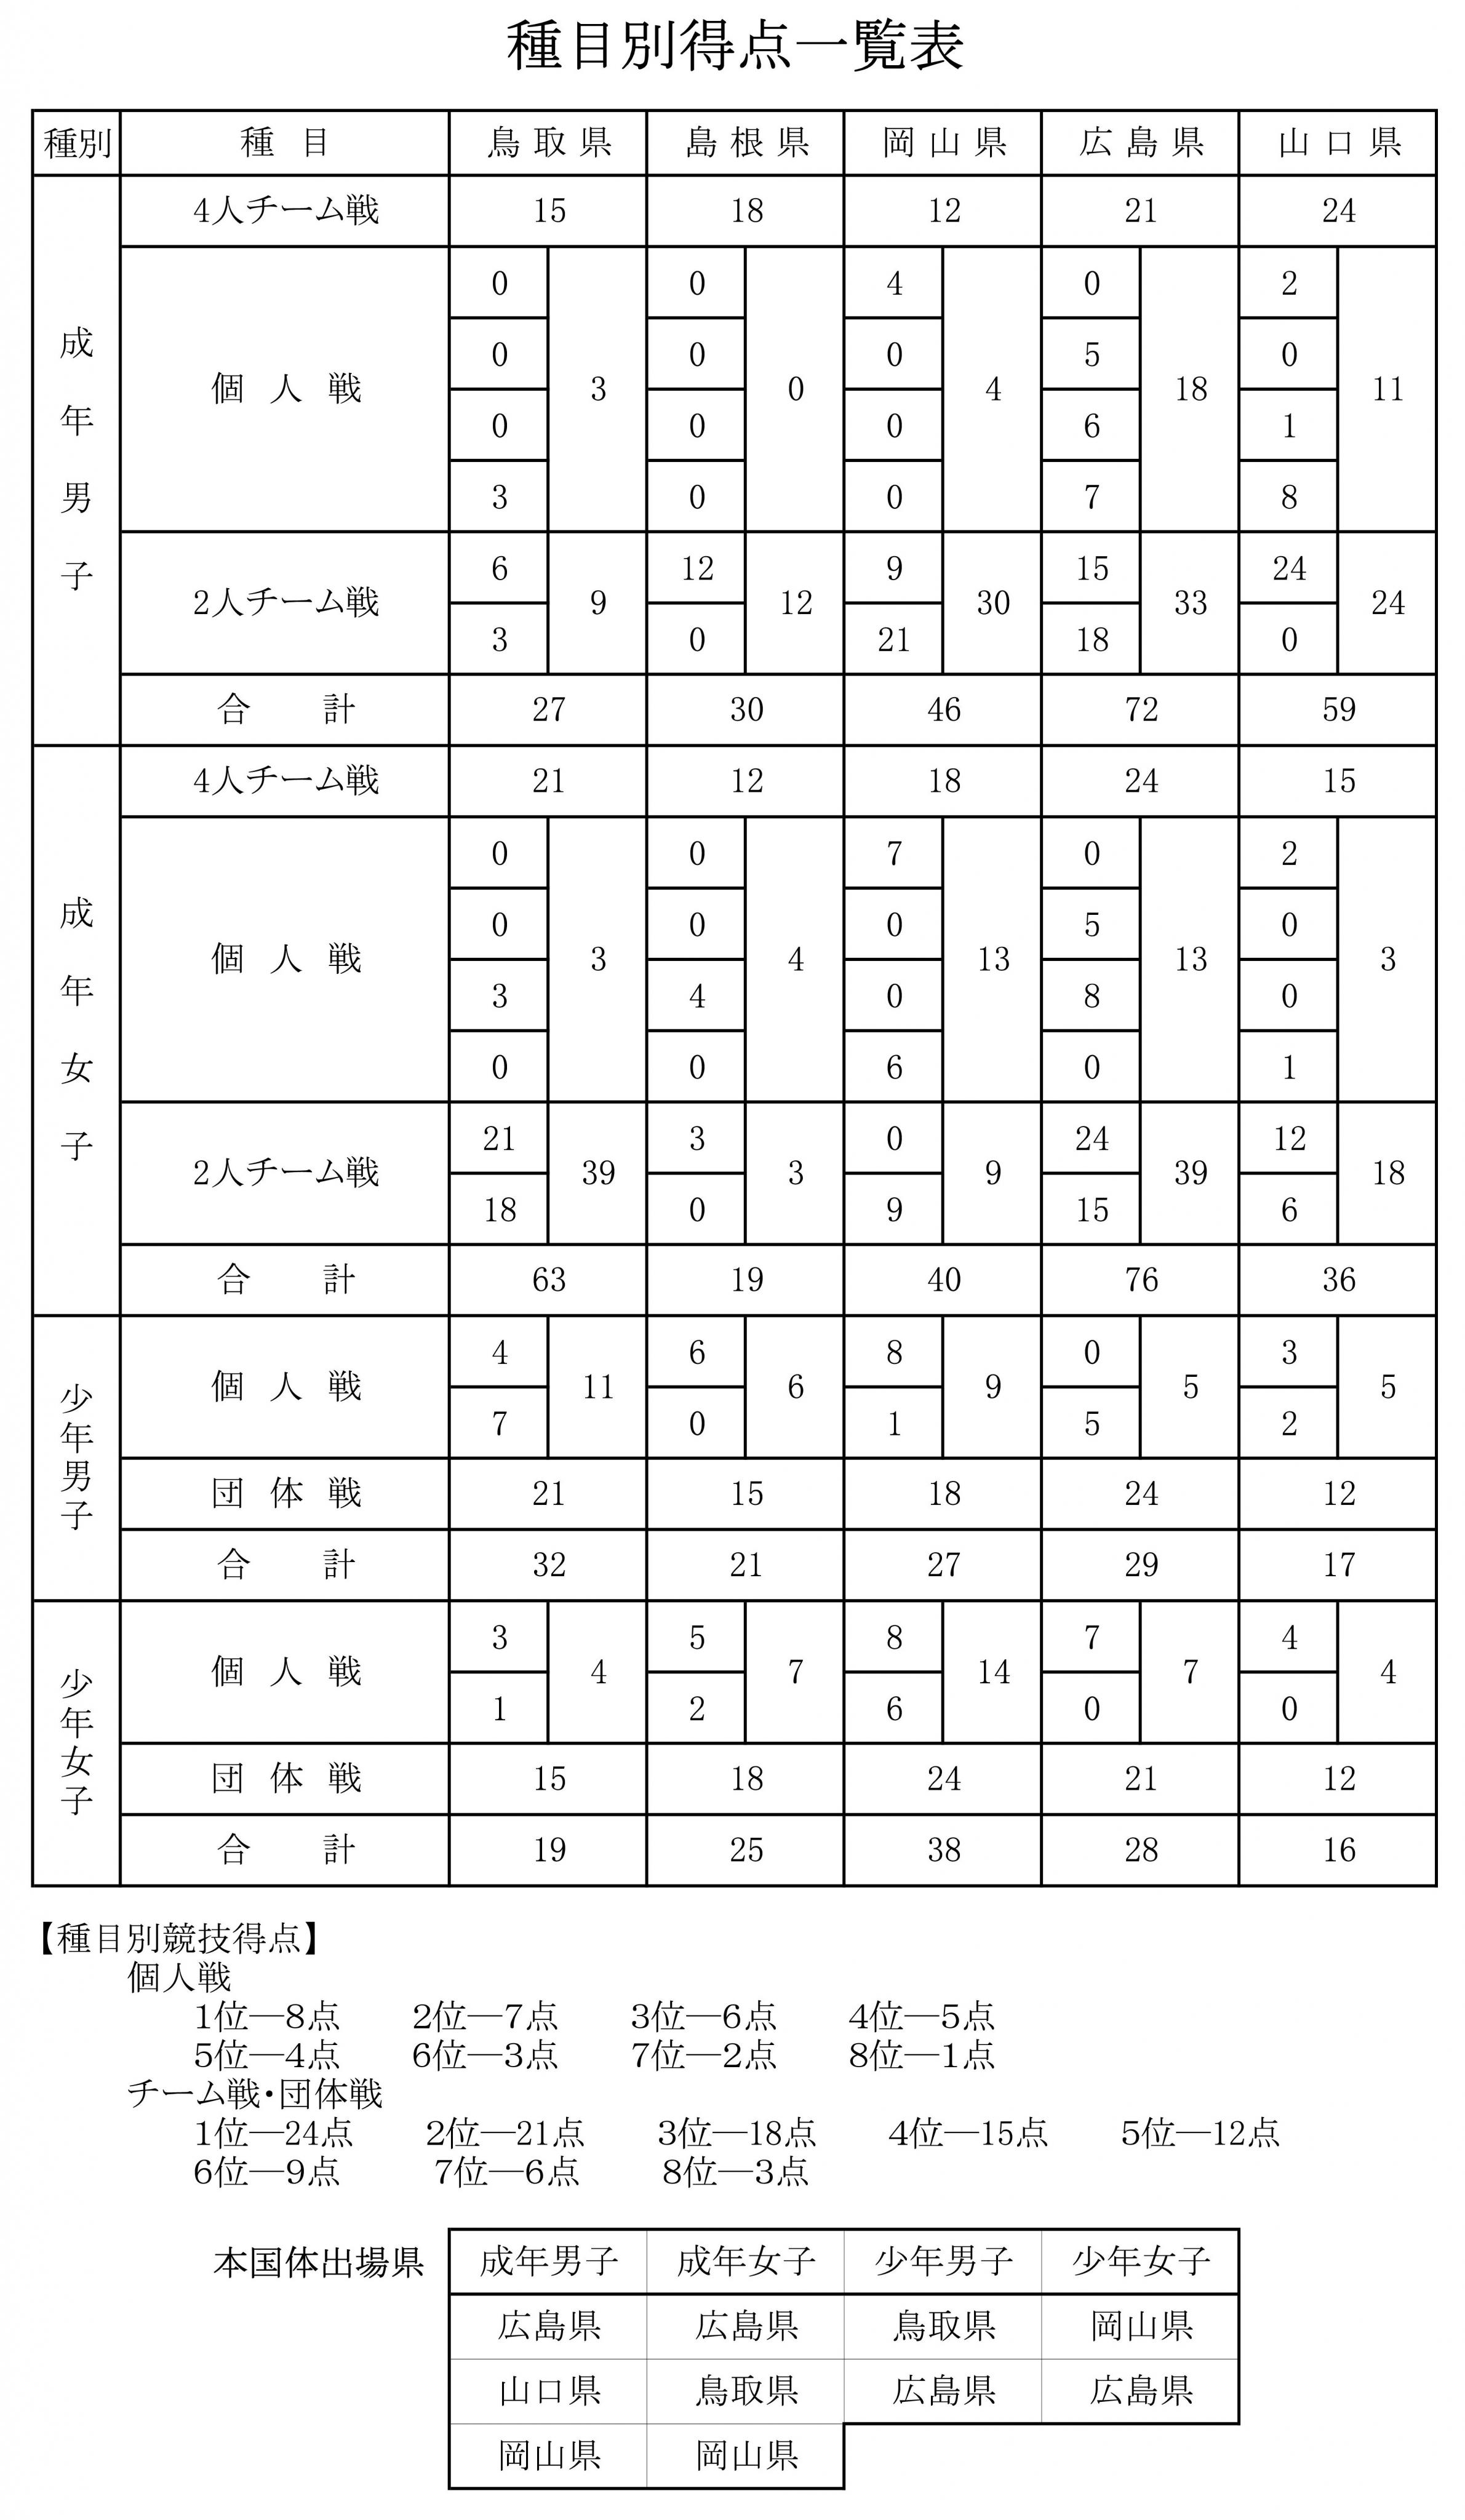 ボウリング最終成績  6.jpg